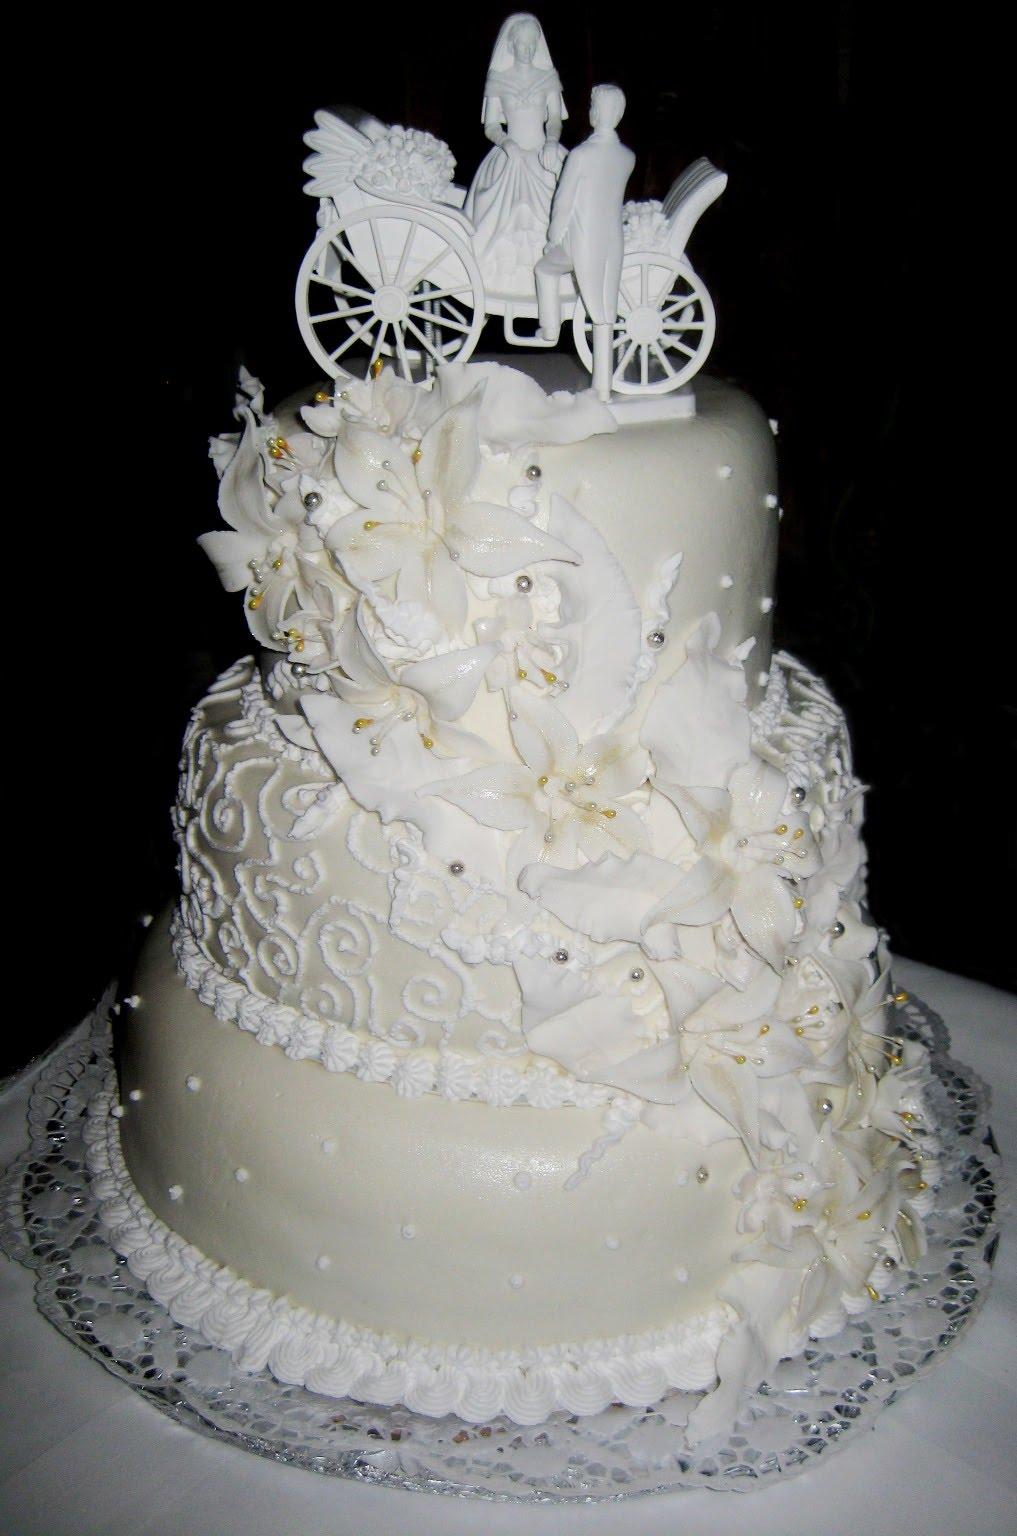 svadebnij tort